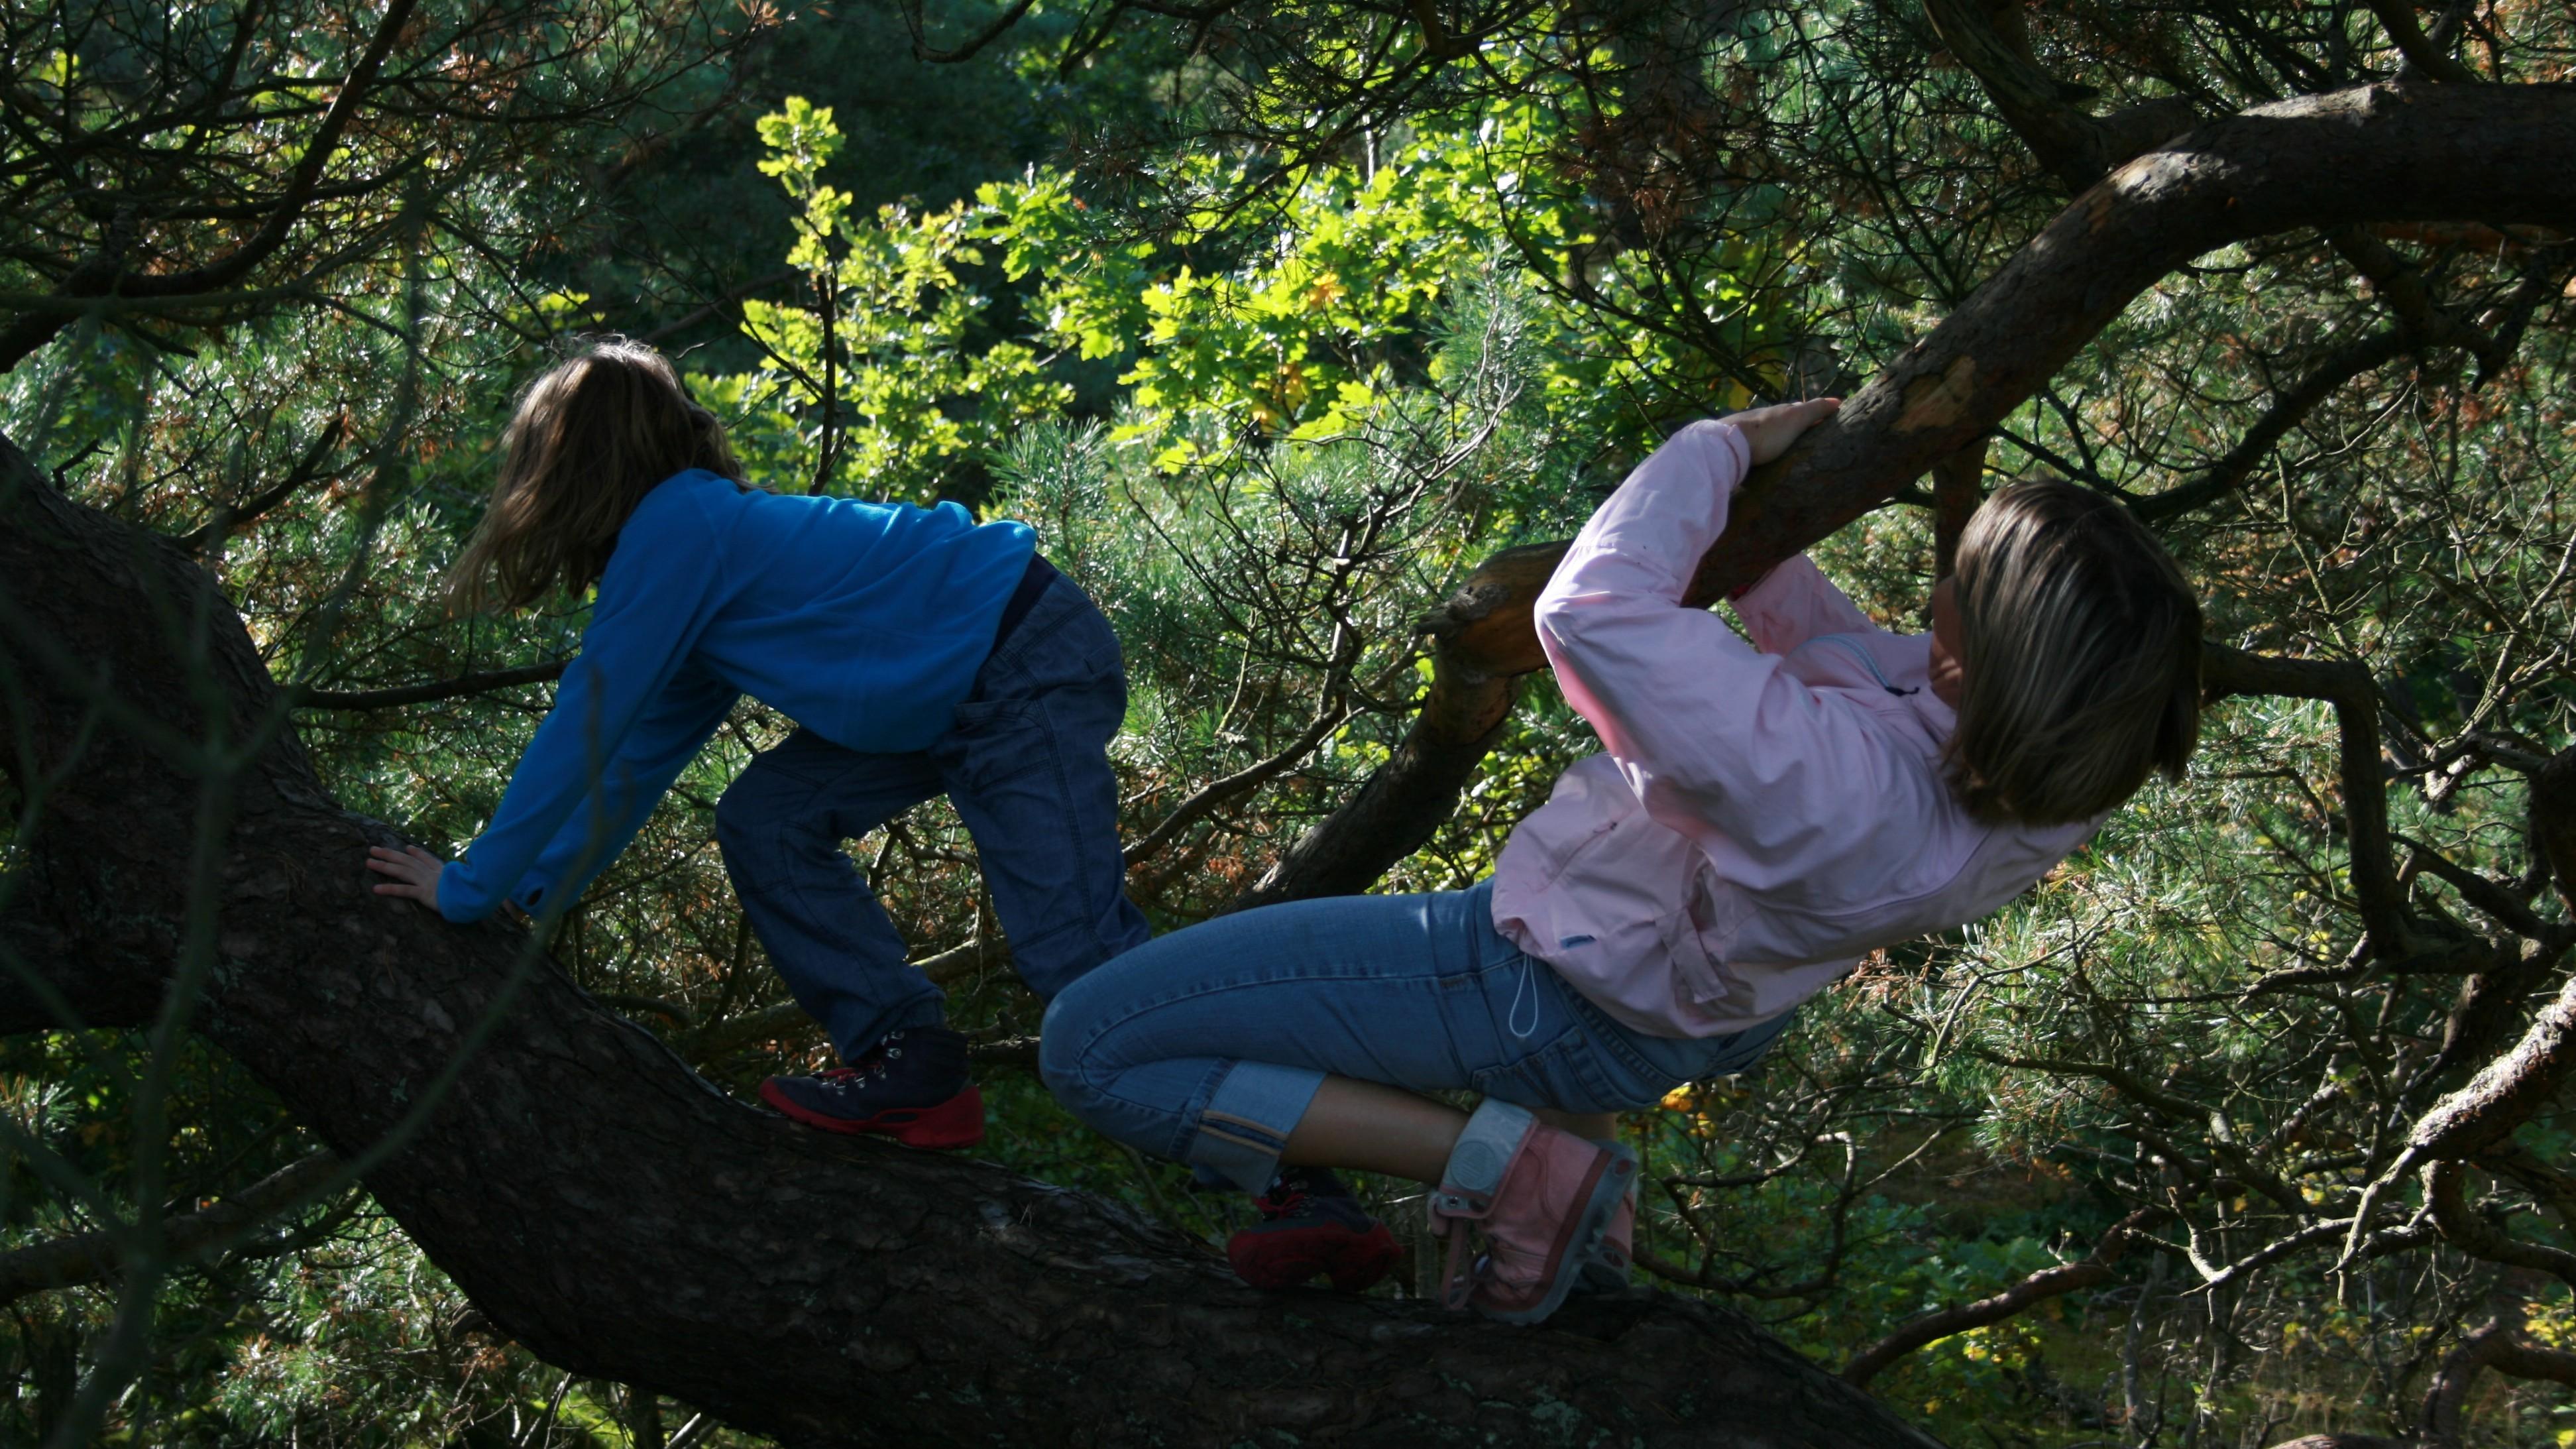 Klatre i træer